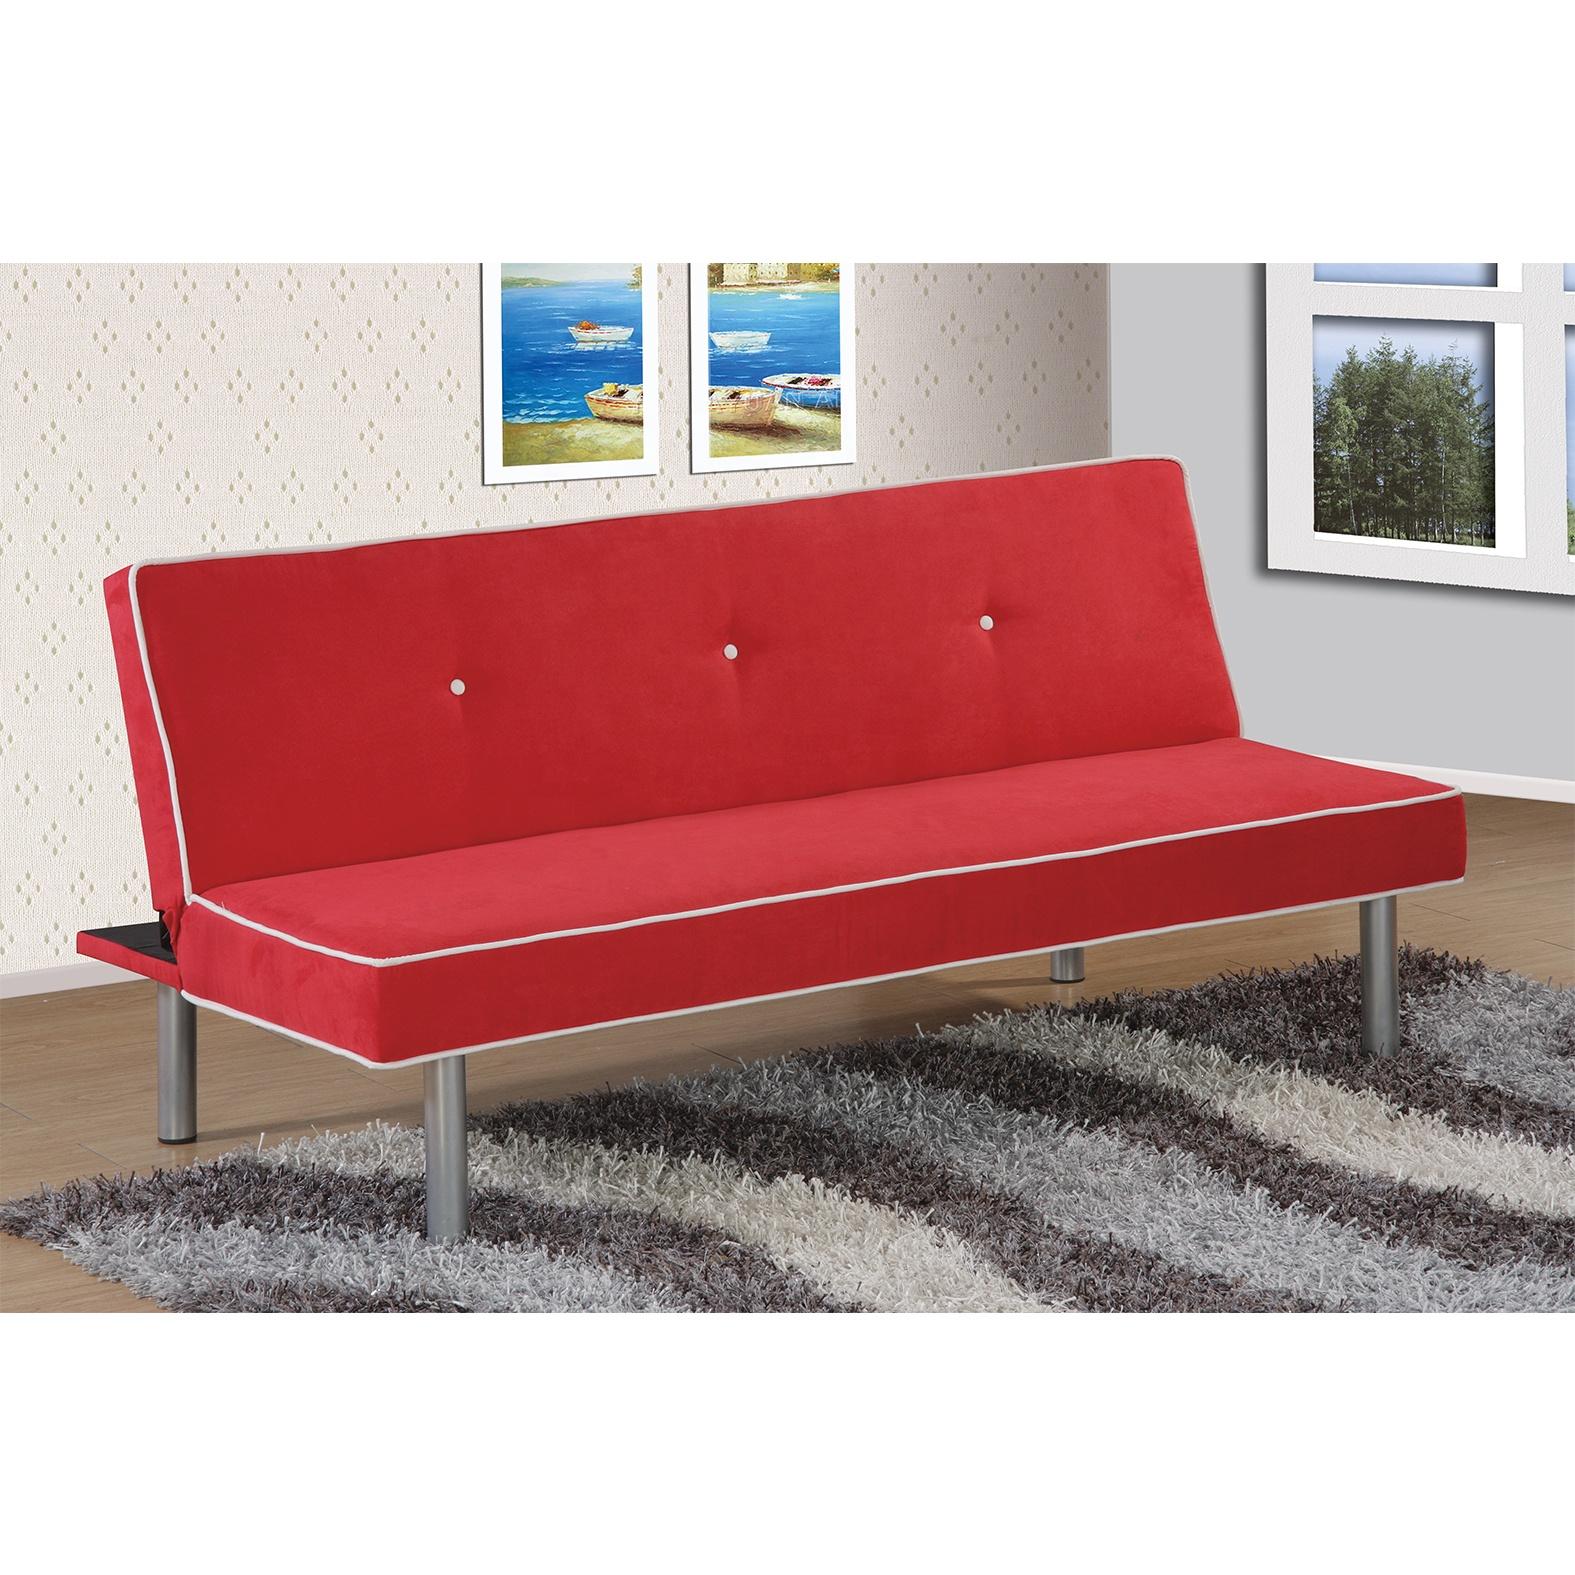 Futon Single Sofa Bed